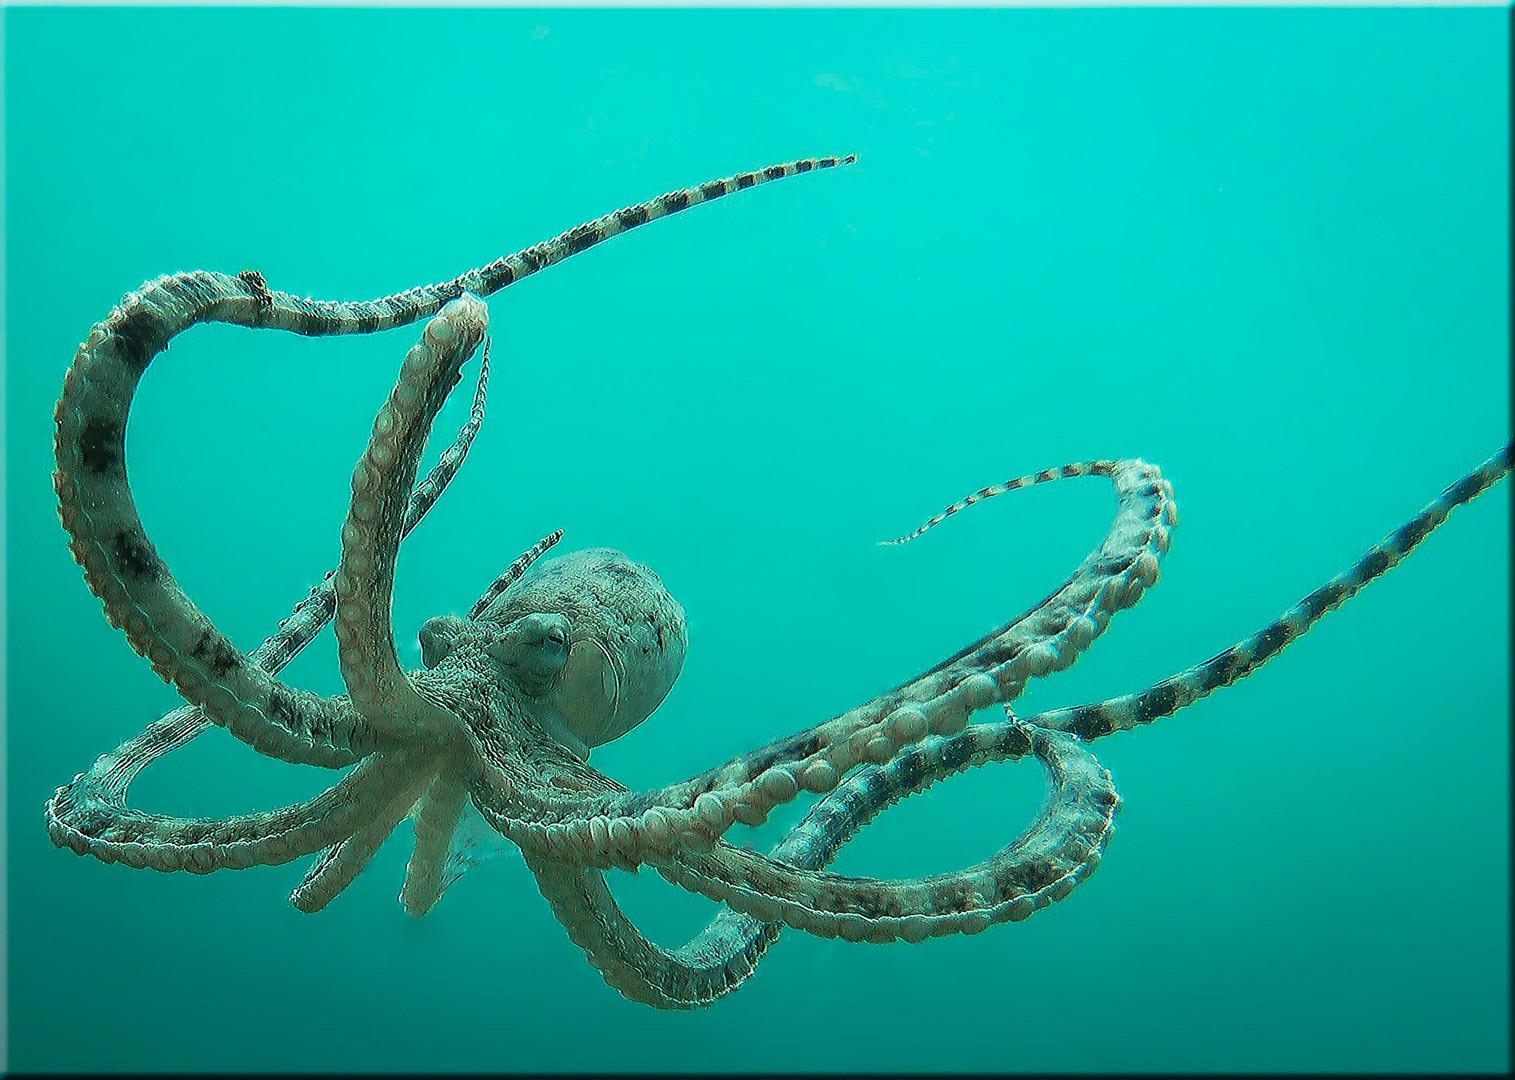 Mimic Octopuss (Neuauflage)